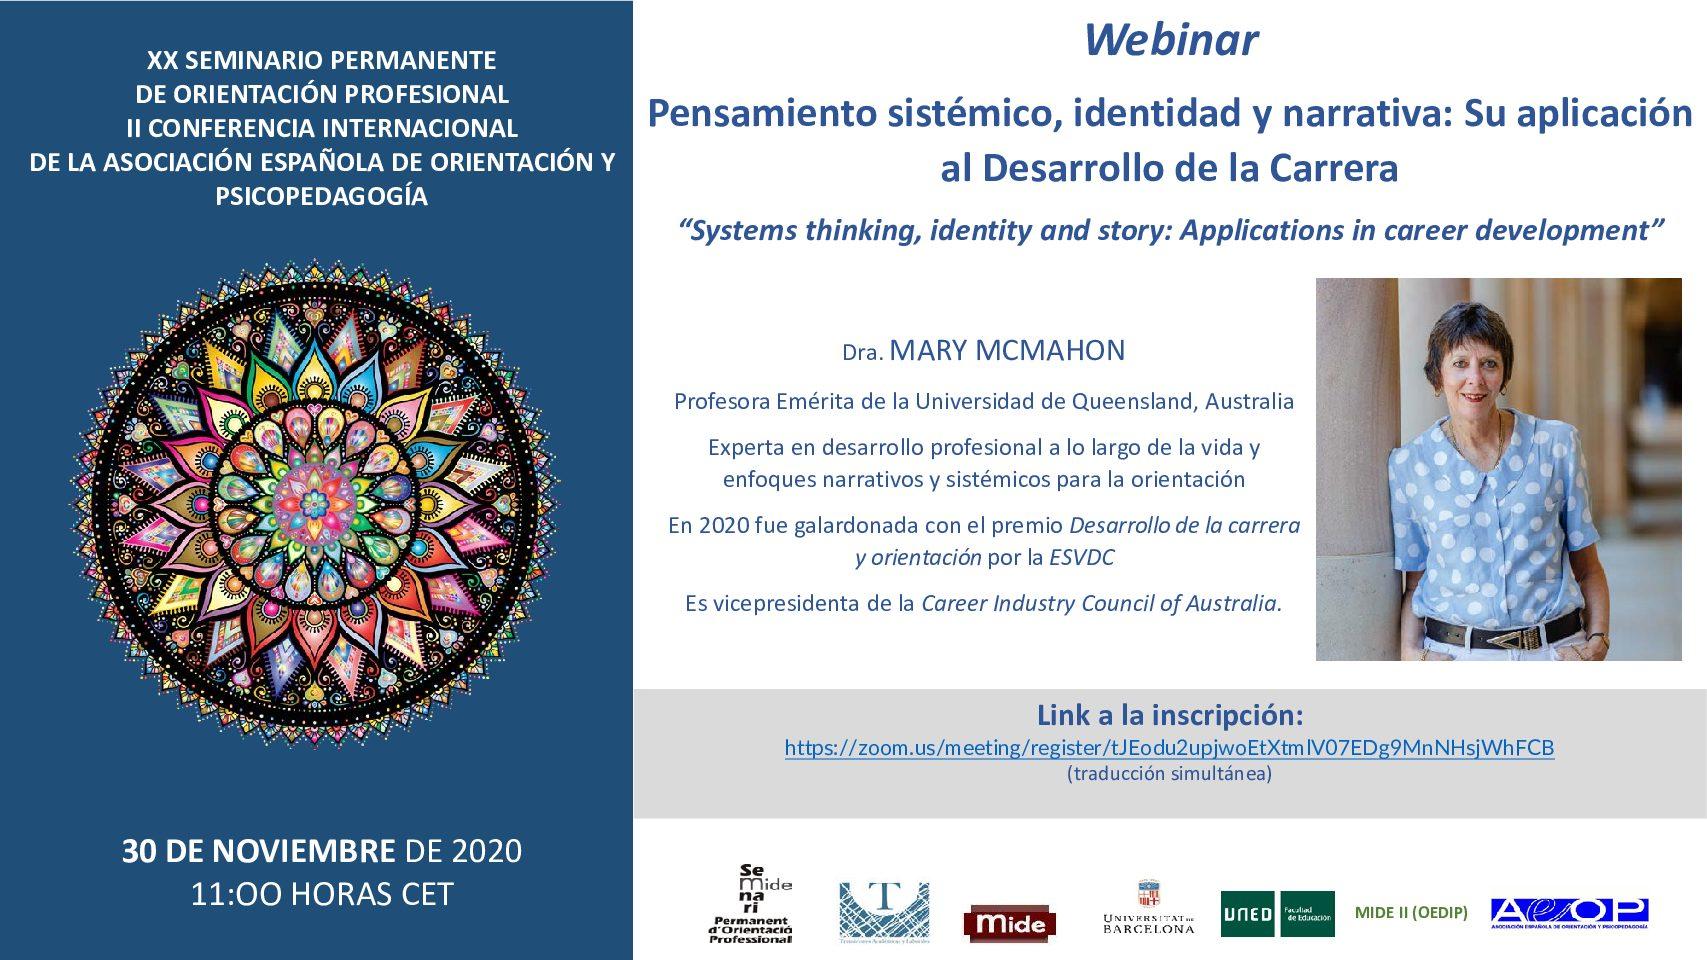 II Conferencia Internacional de la Asociación Española de Orientación y Psicopedagogía (AEOP) y XX Seminario Permanente de Orientación Profesional (SEPEROP)